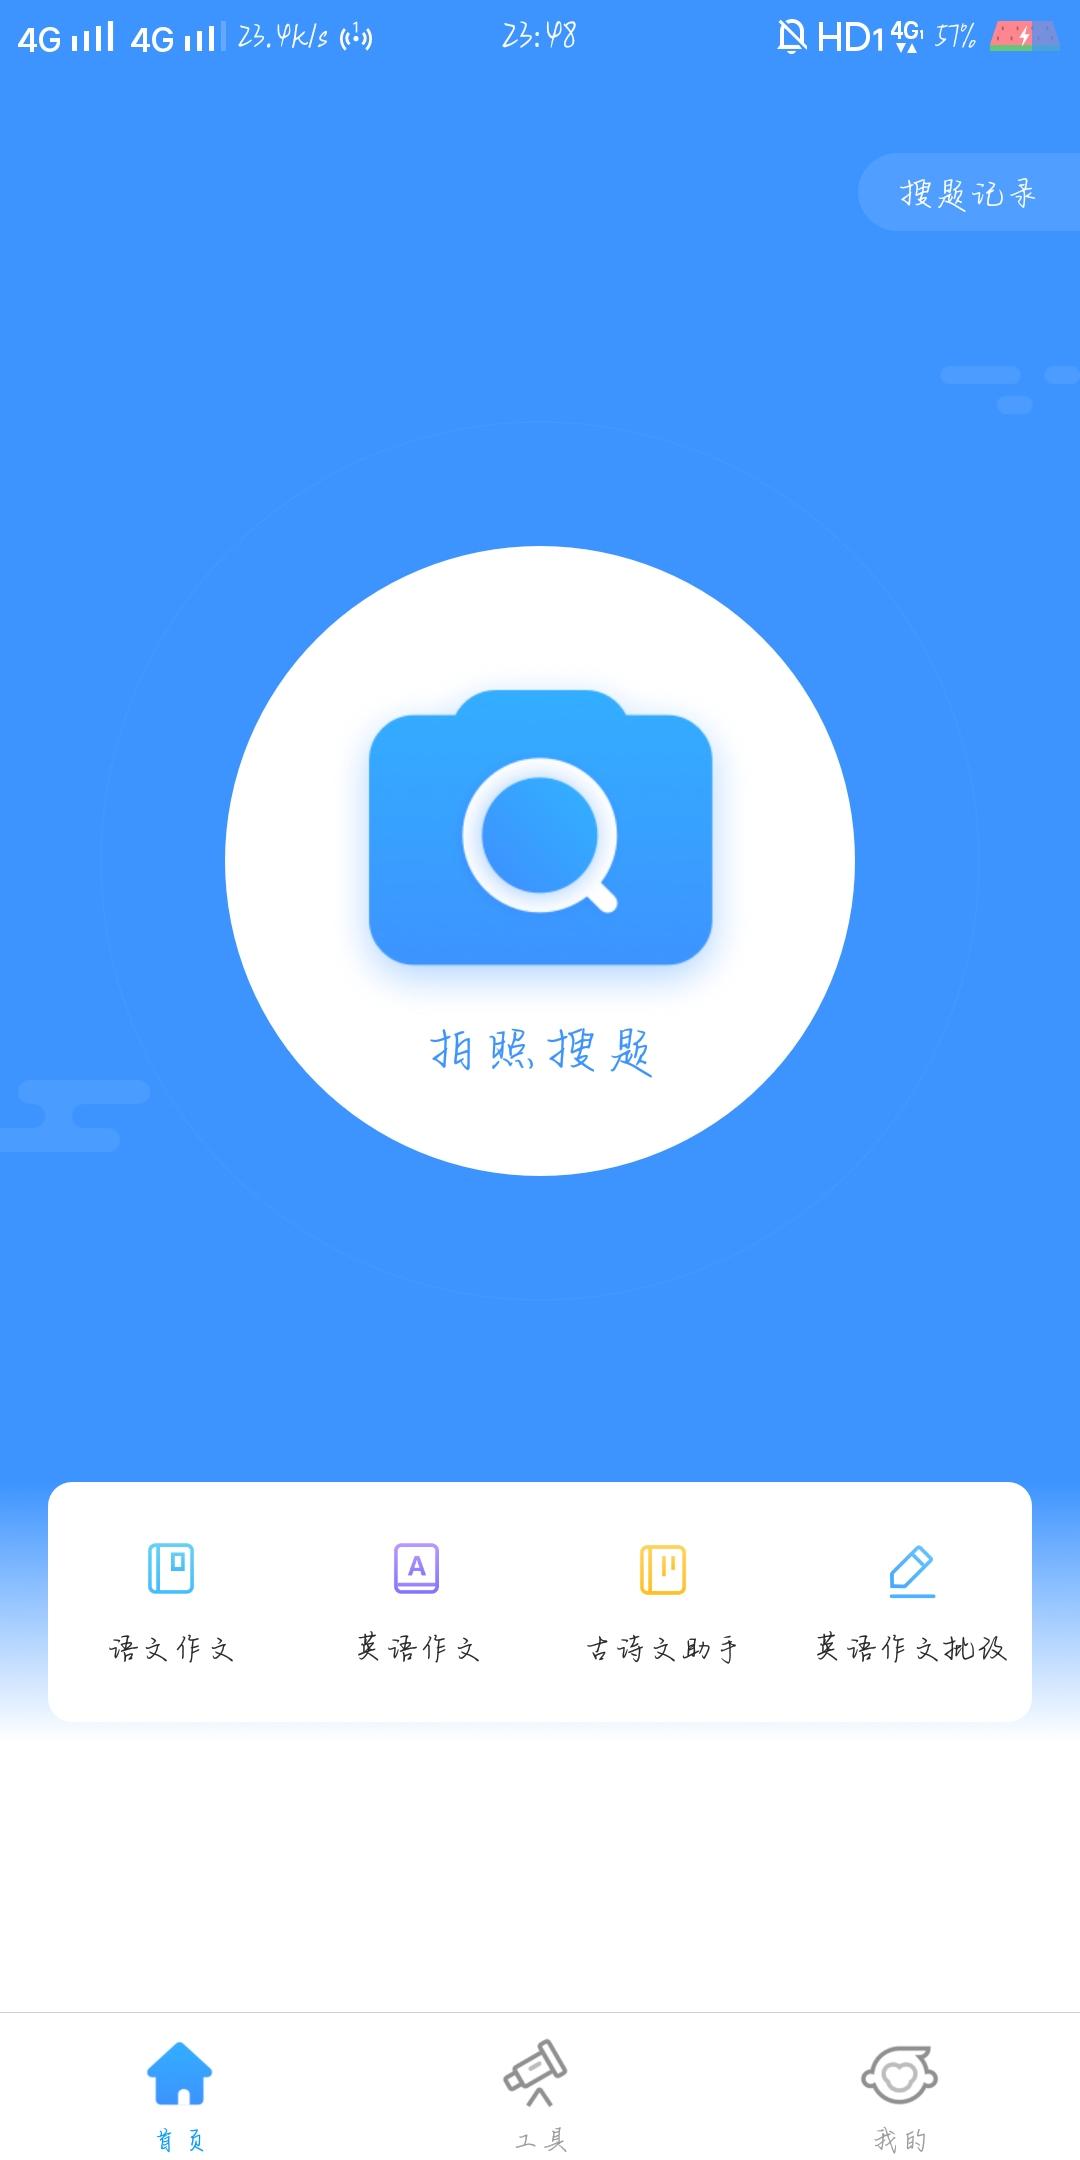 Screenshot_20181024_234852.jpg